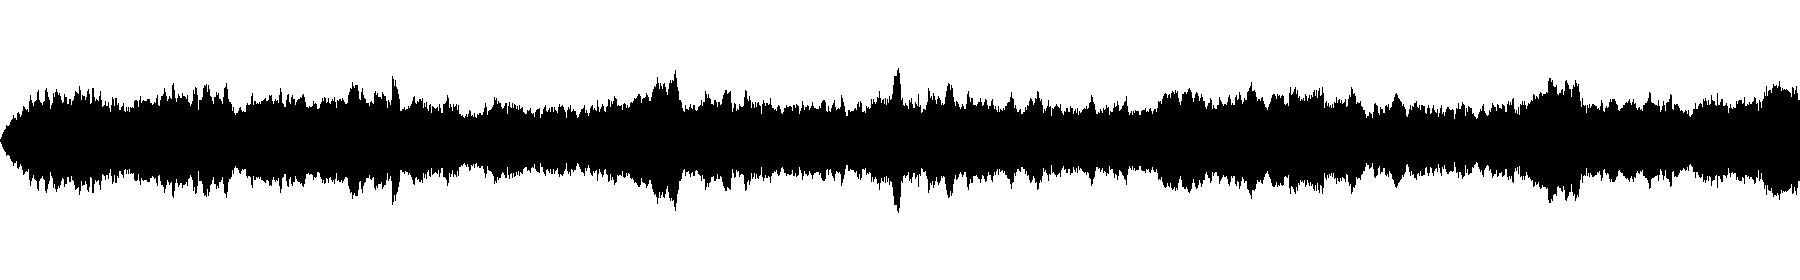 melody 15bpm125keya